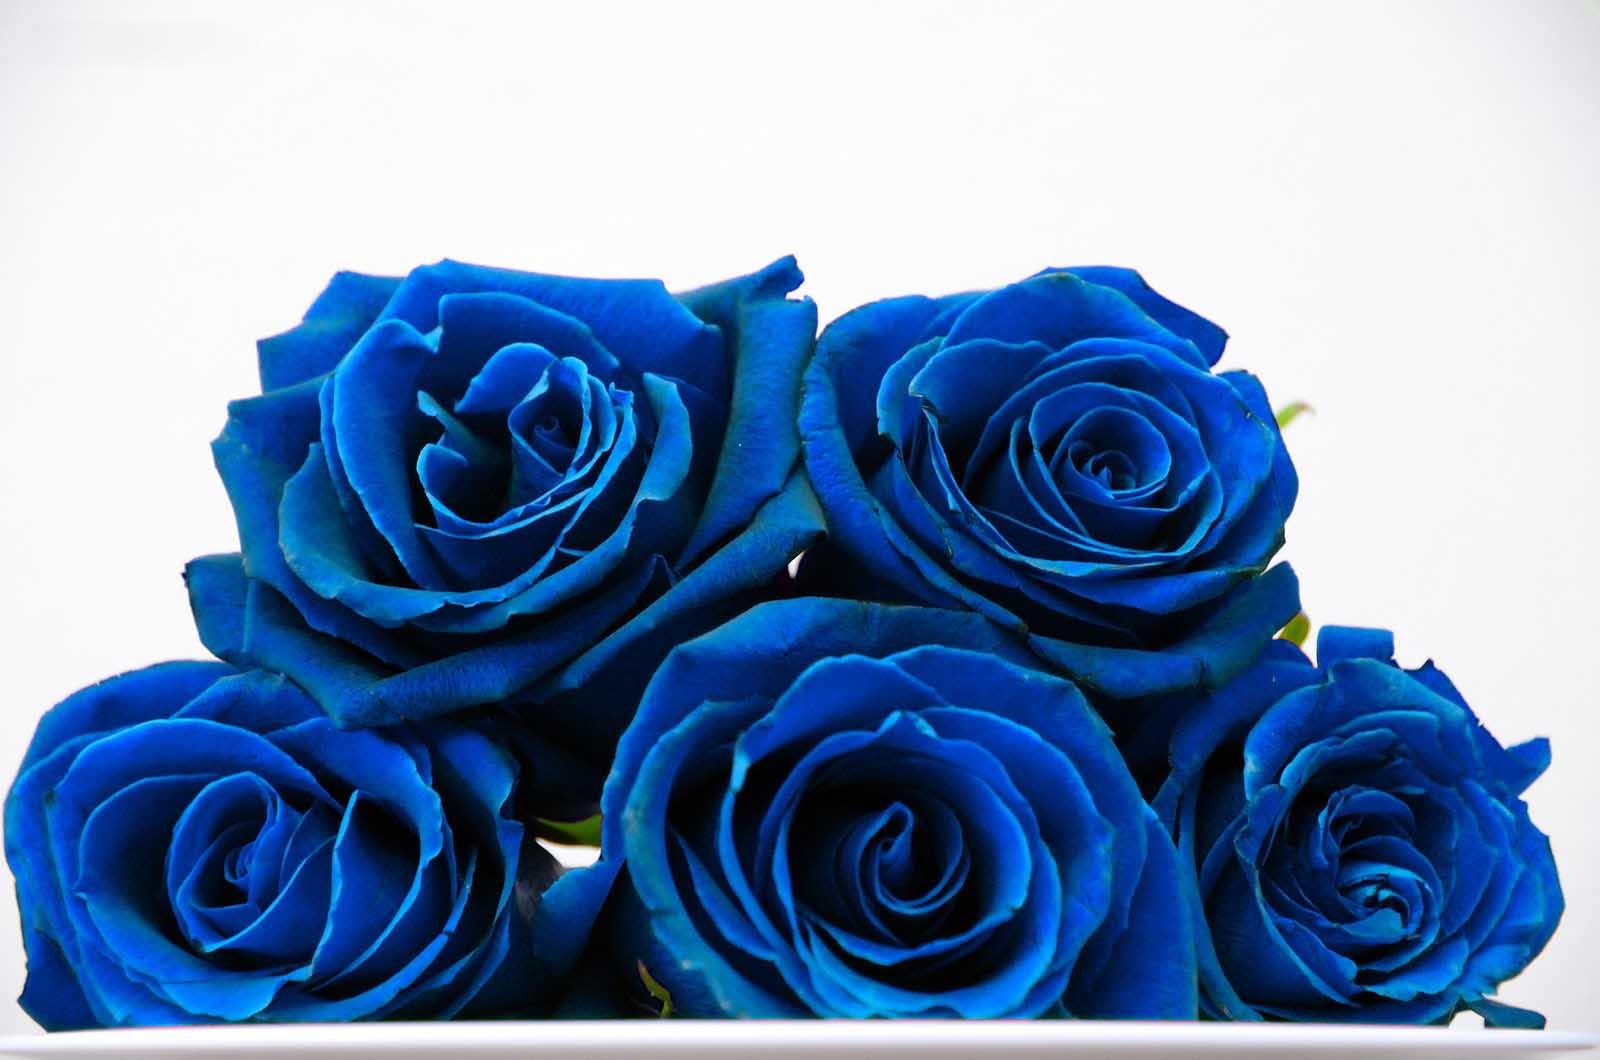 بالصور صور ورد ازرق اجمل صور ورود زرقاء متحركة صور زهور و ورد باللون الازرق , خلفيات وردة الوان 3998 2